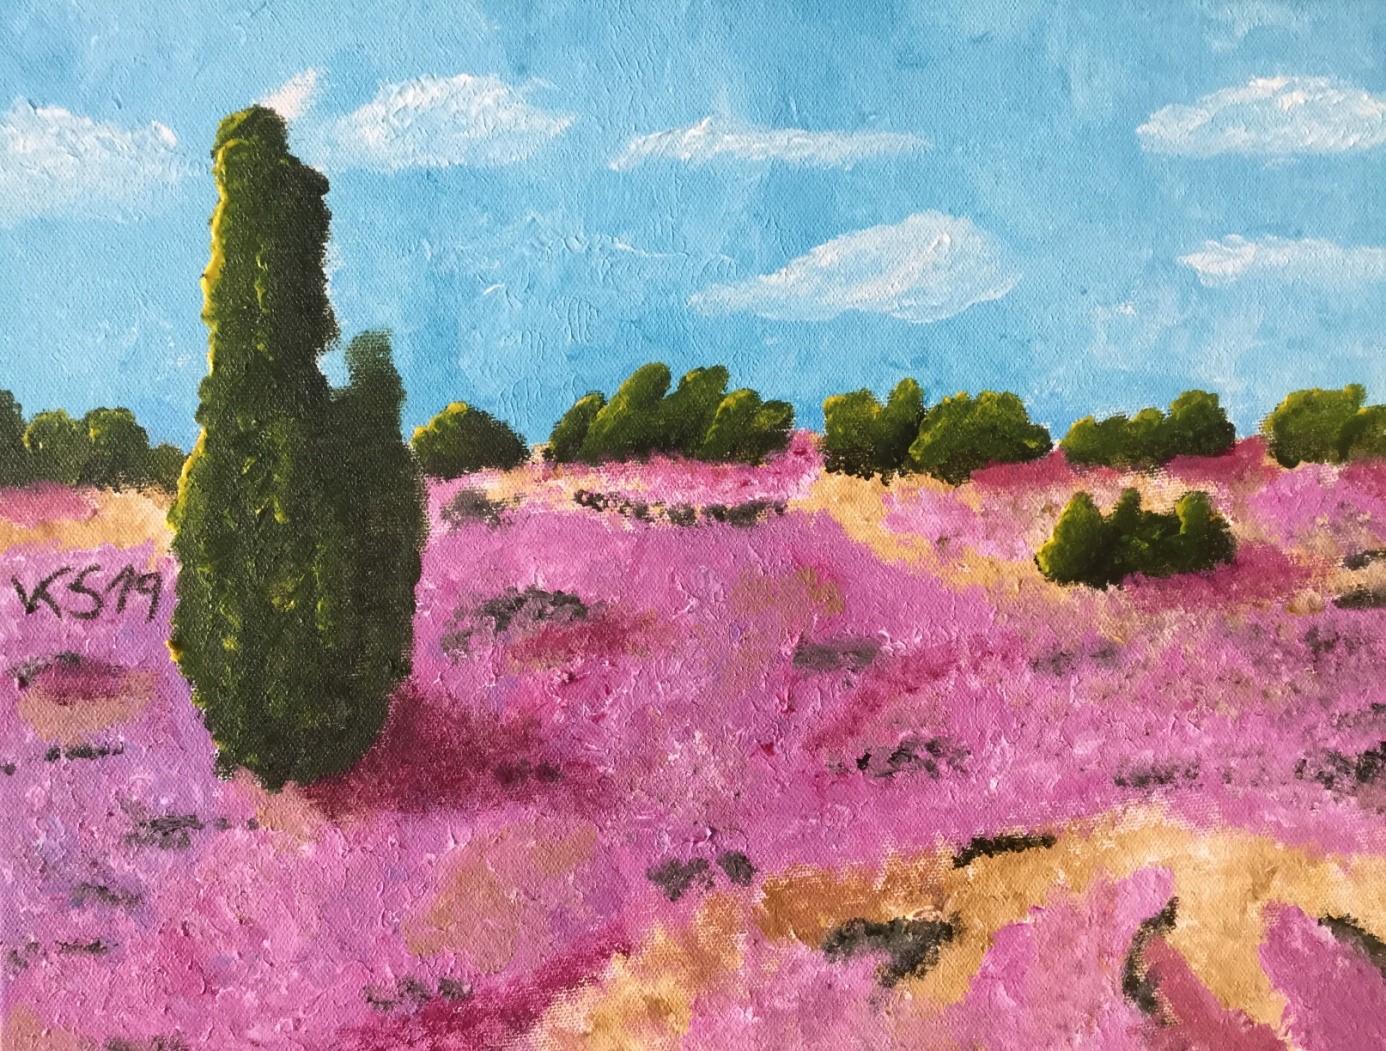 Landschaftsbild auf Wasserfarbe von Kristof Schöps